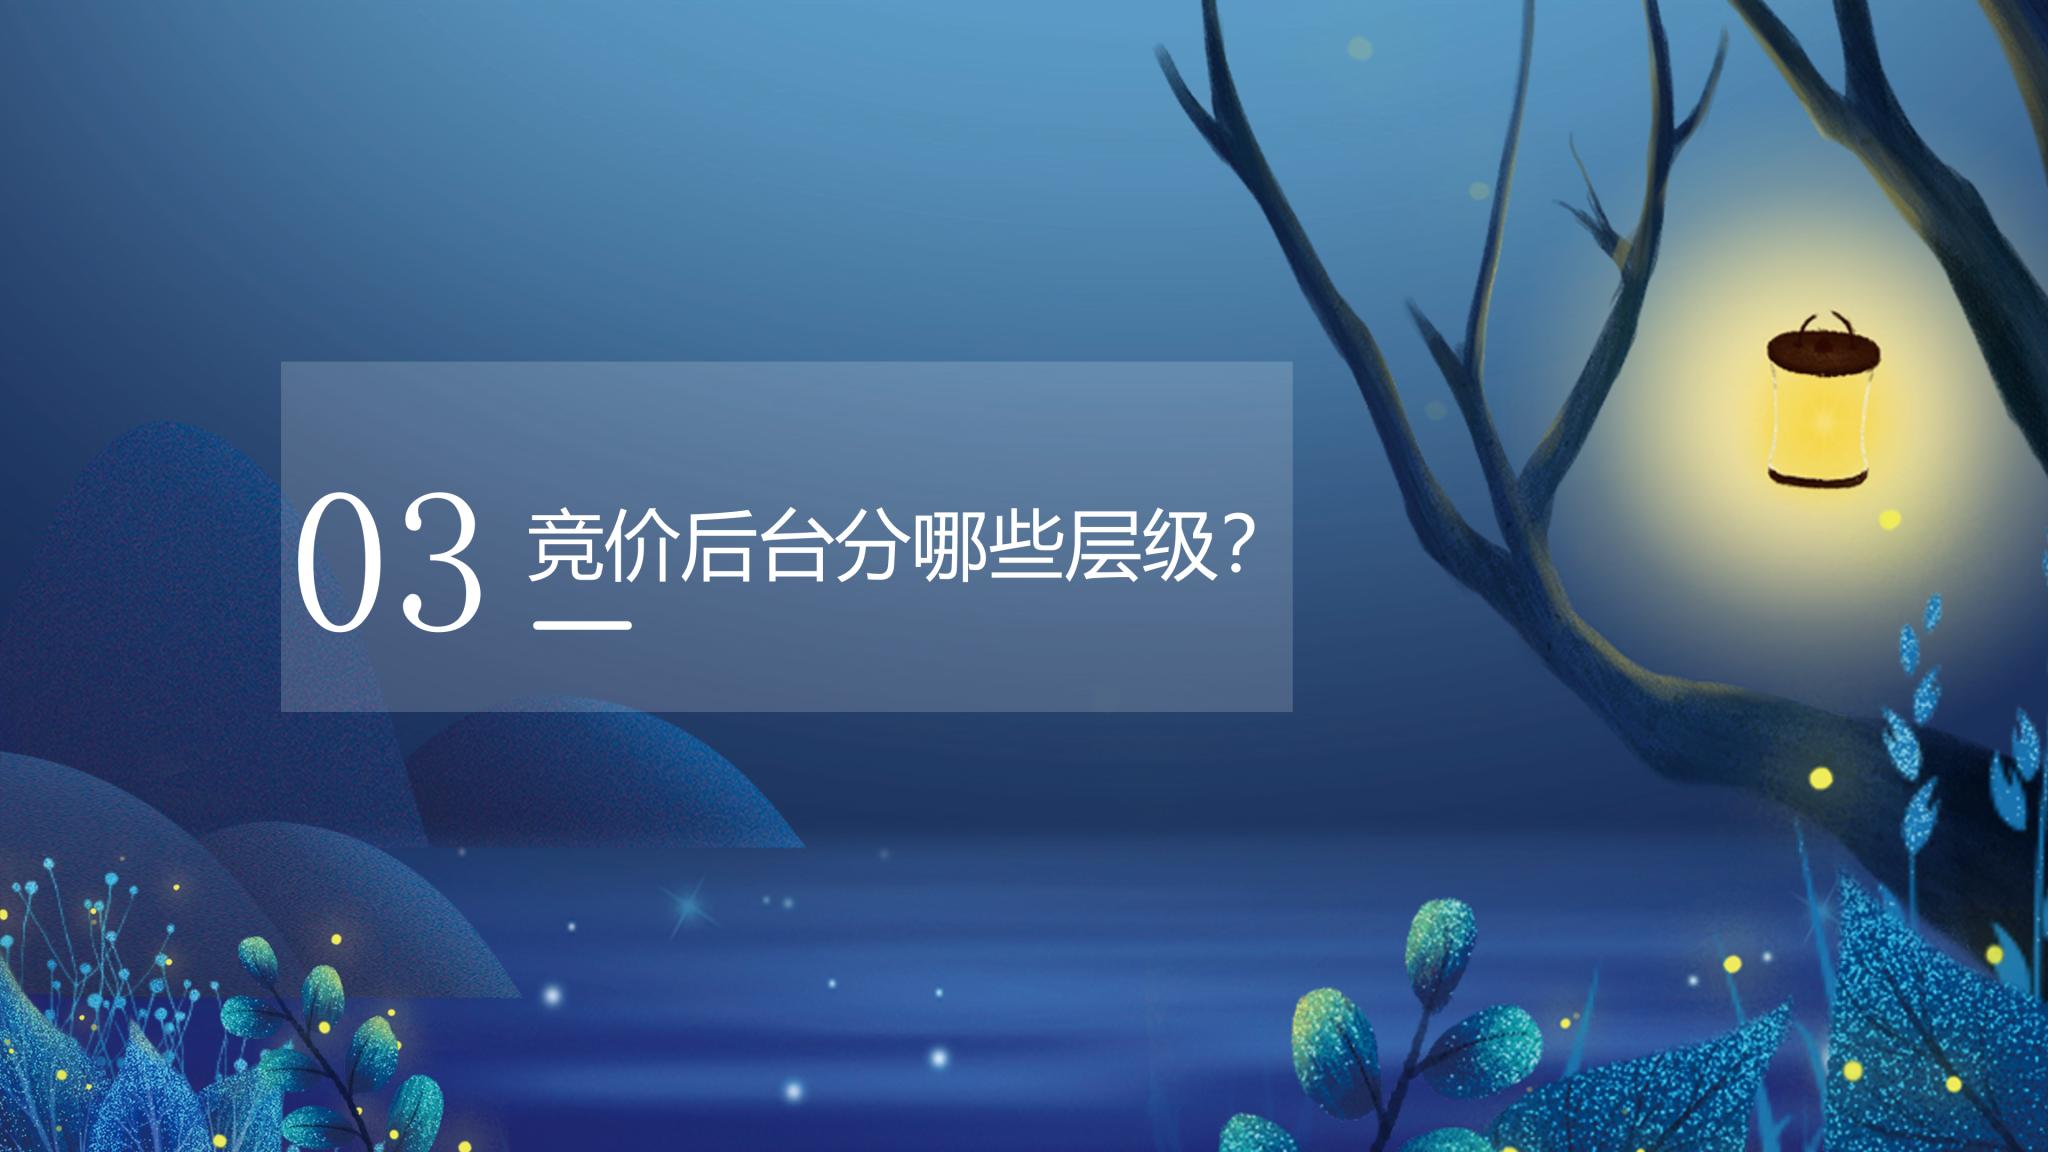 图片11_看图王.png